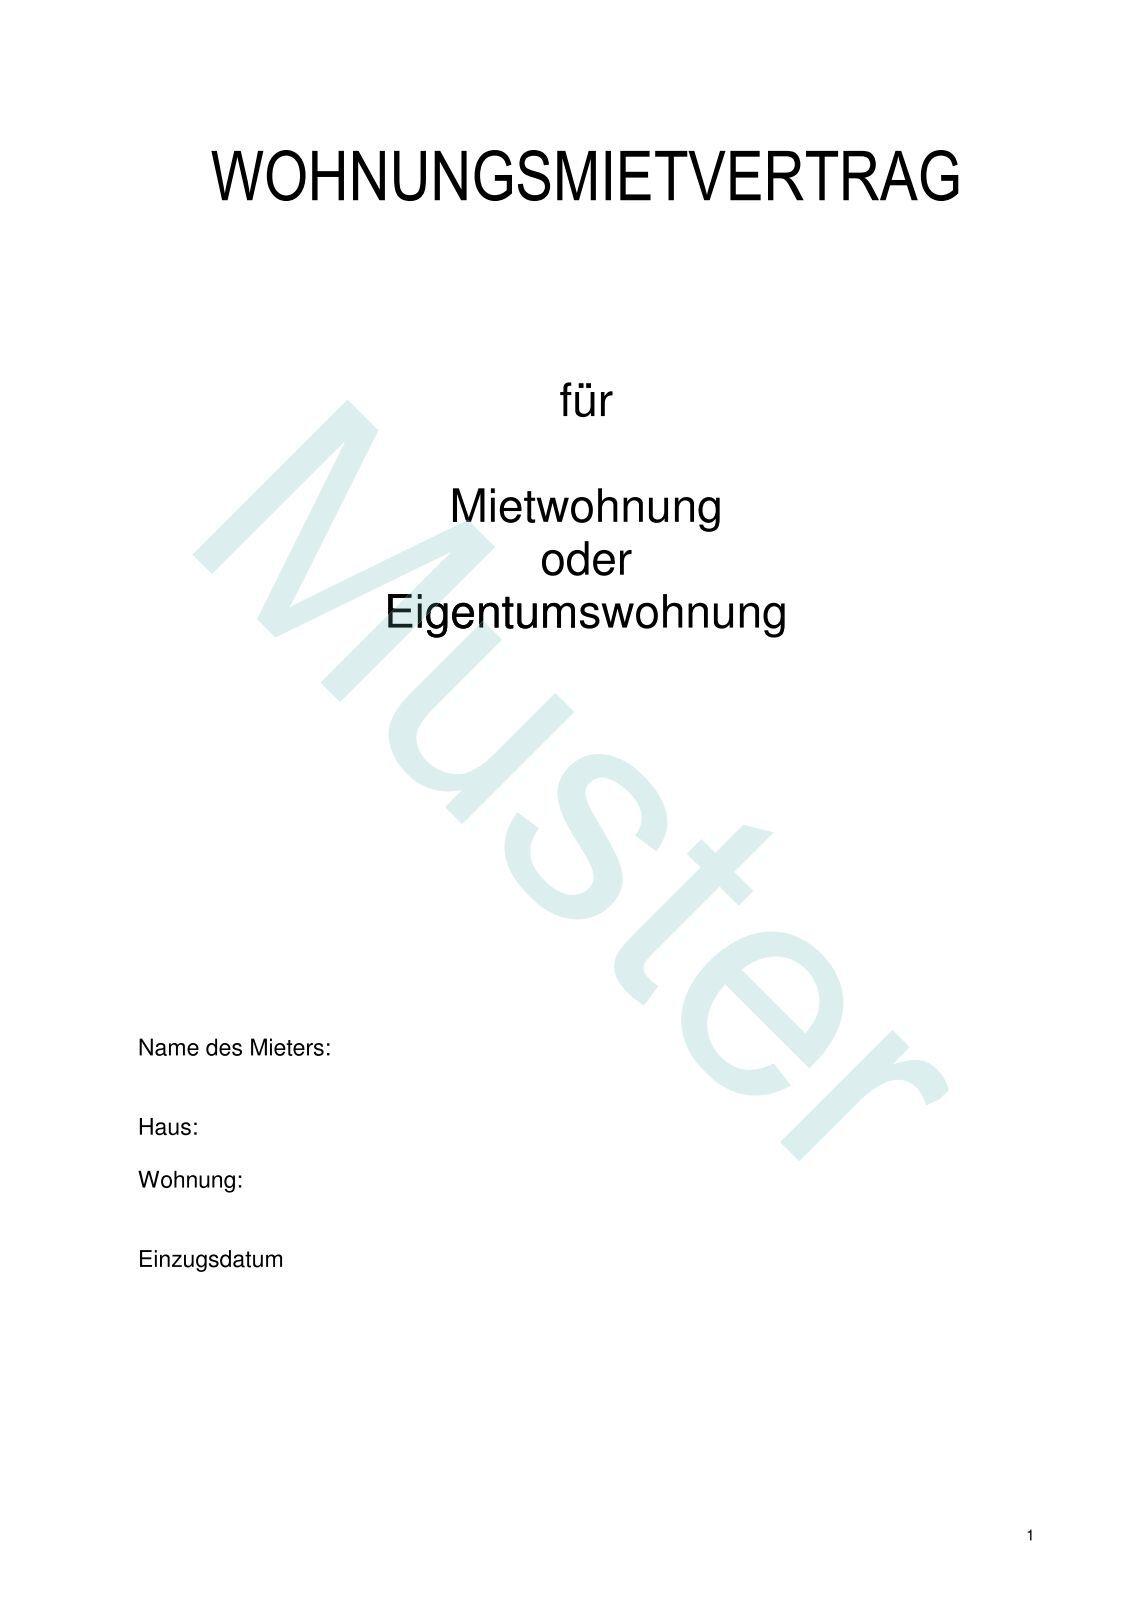 Groß Vorlagen Für Leasingverträge Zeitgenössisch - Entry Level ...